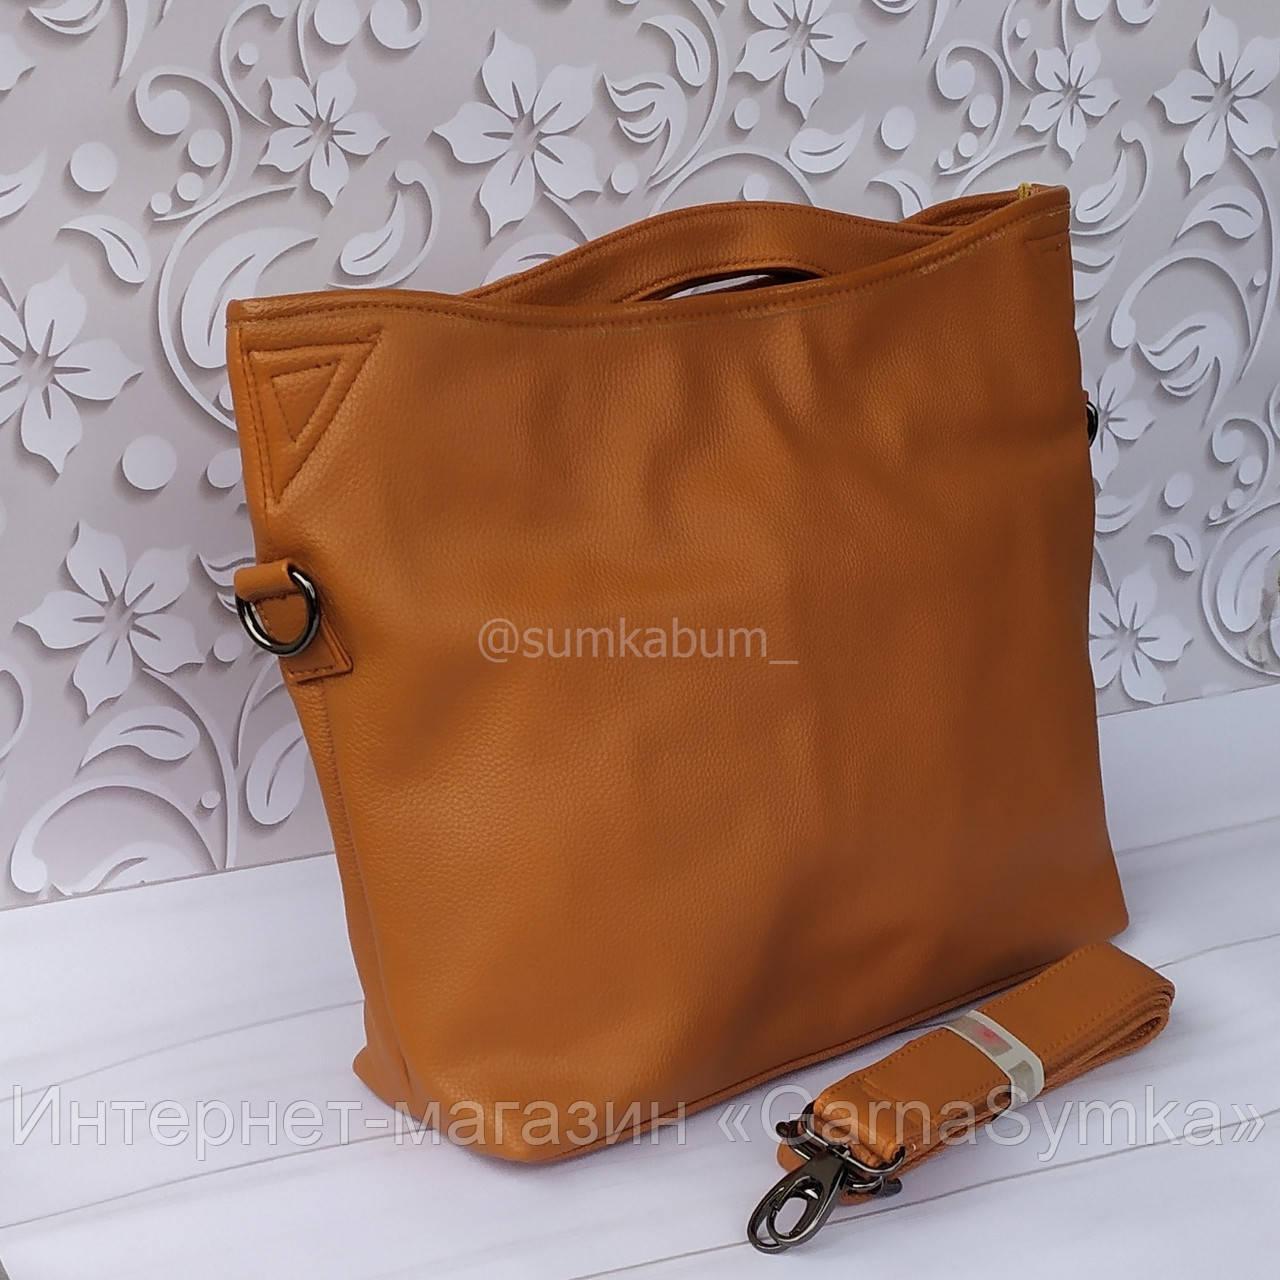 Очень стильная сумка